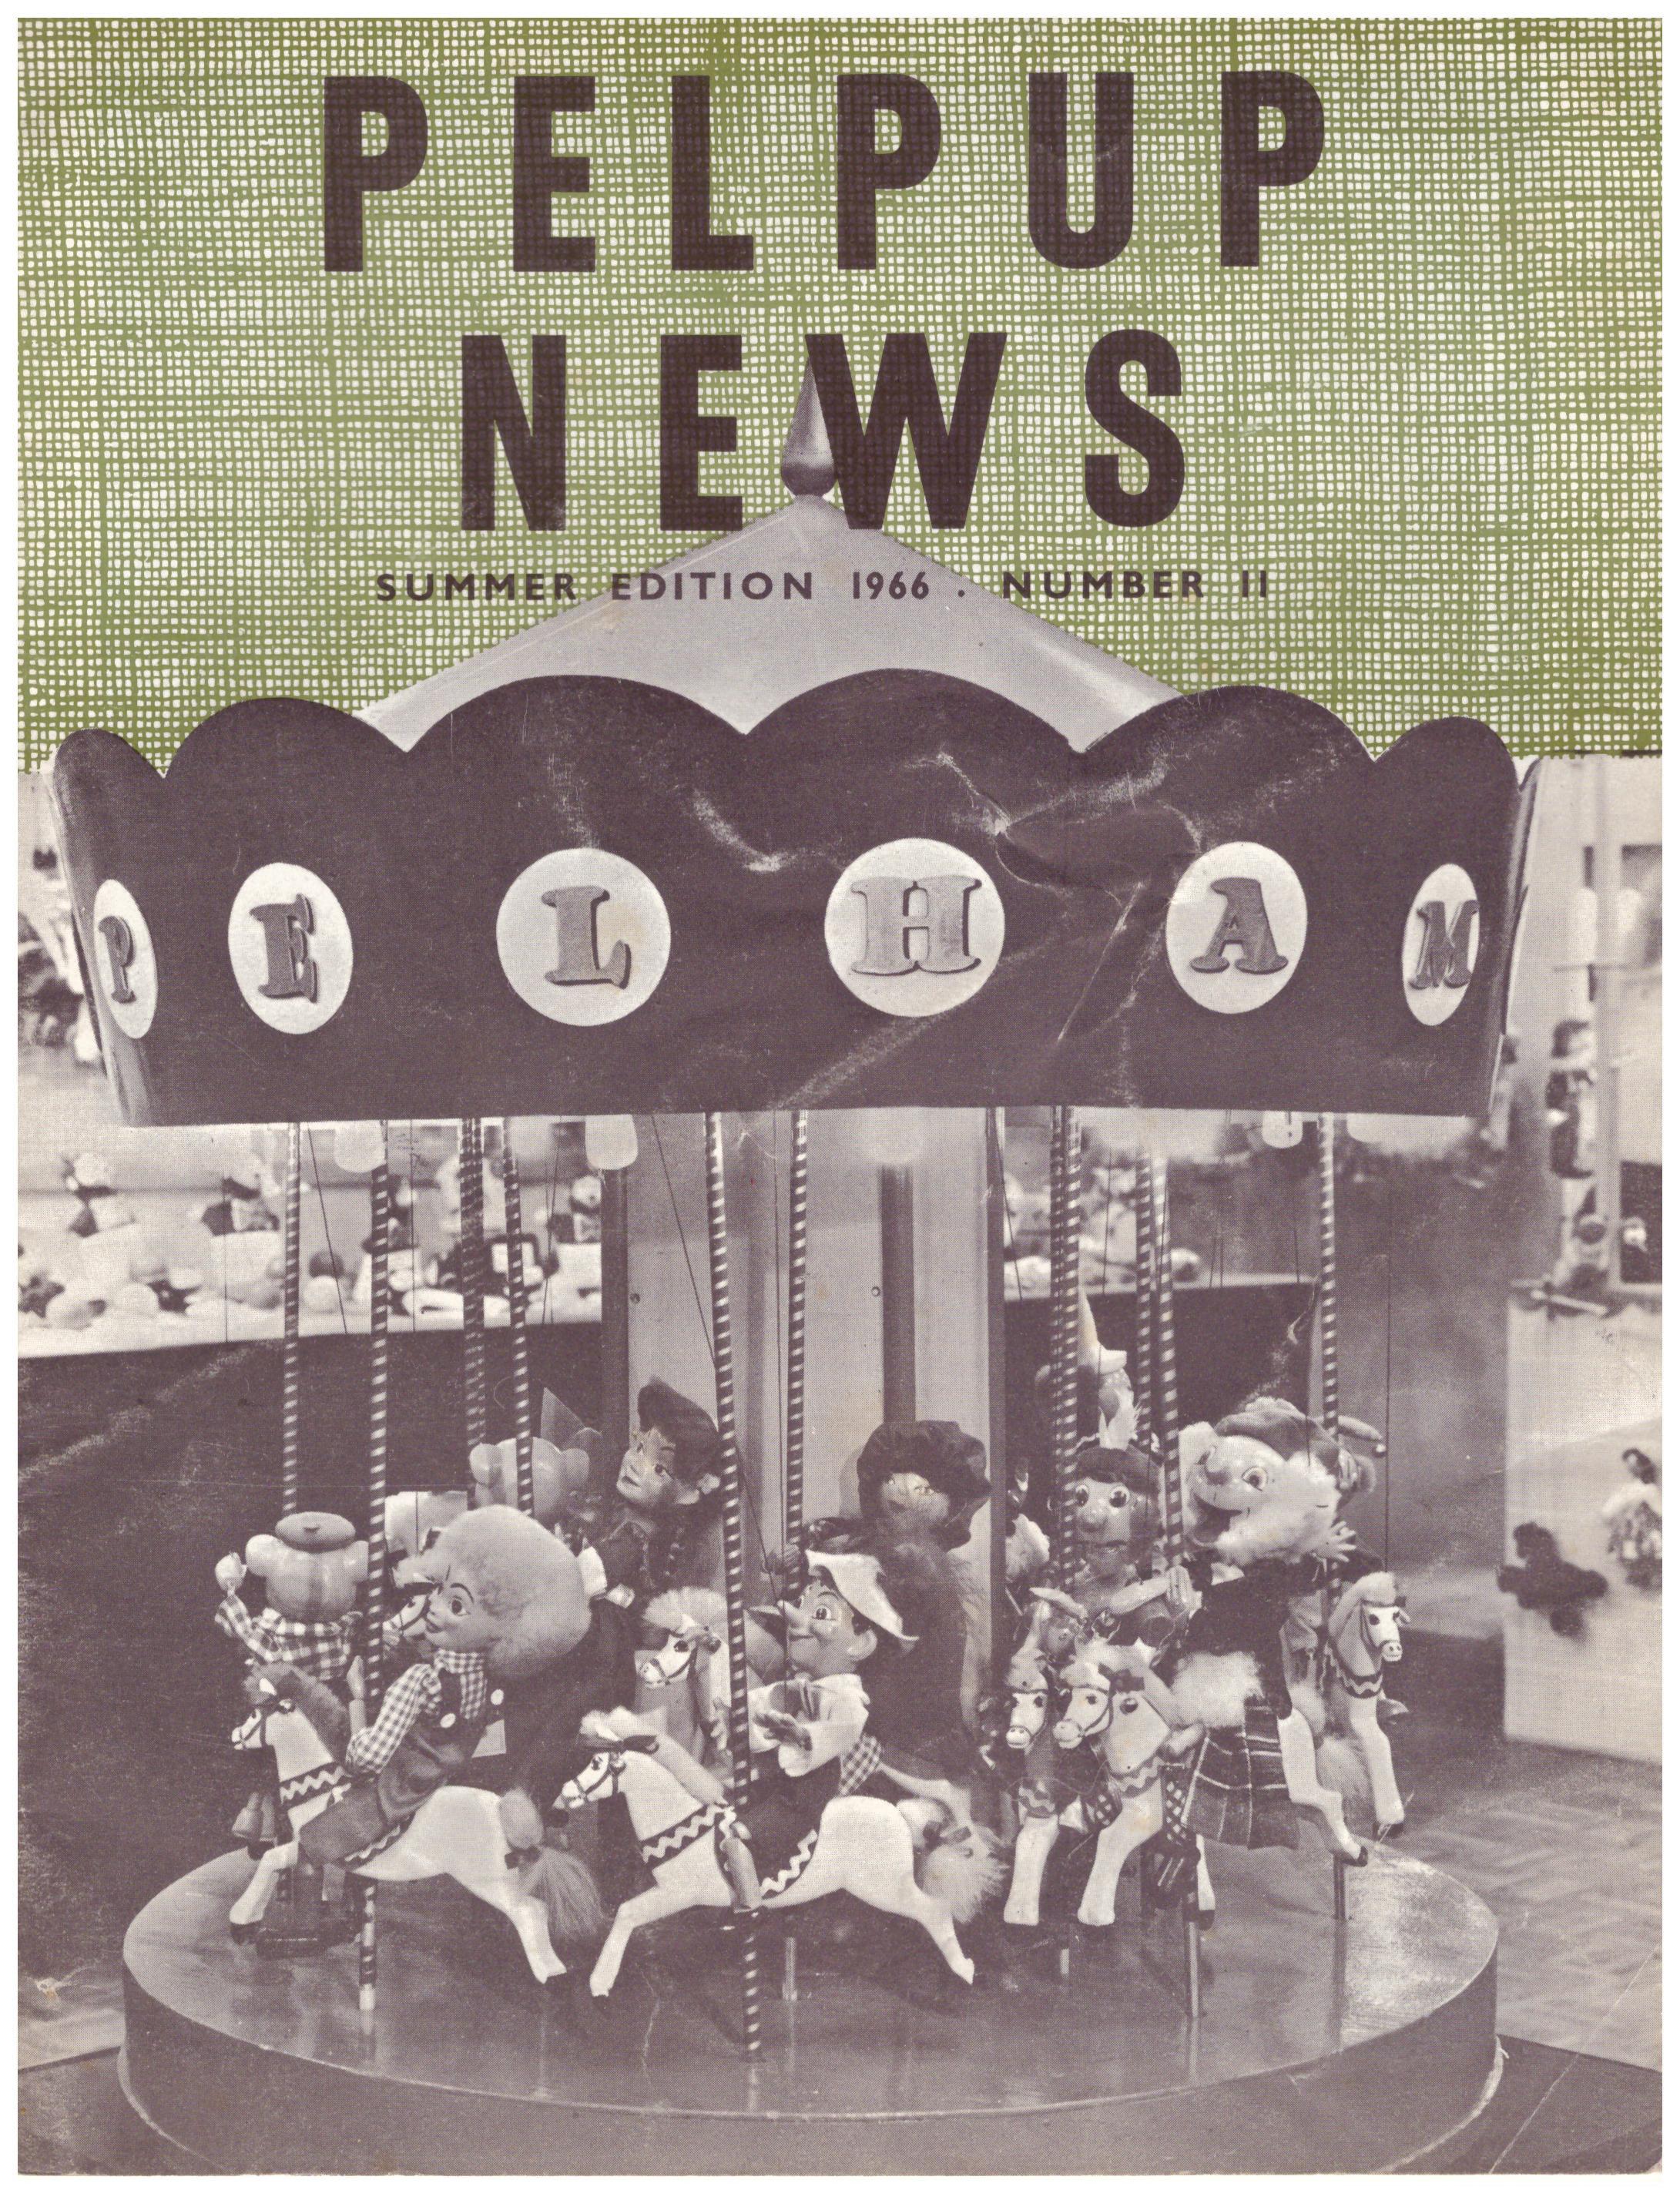 Summer Edition 1966 - No11